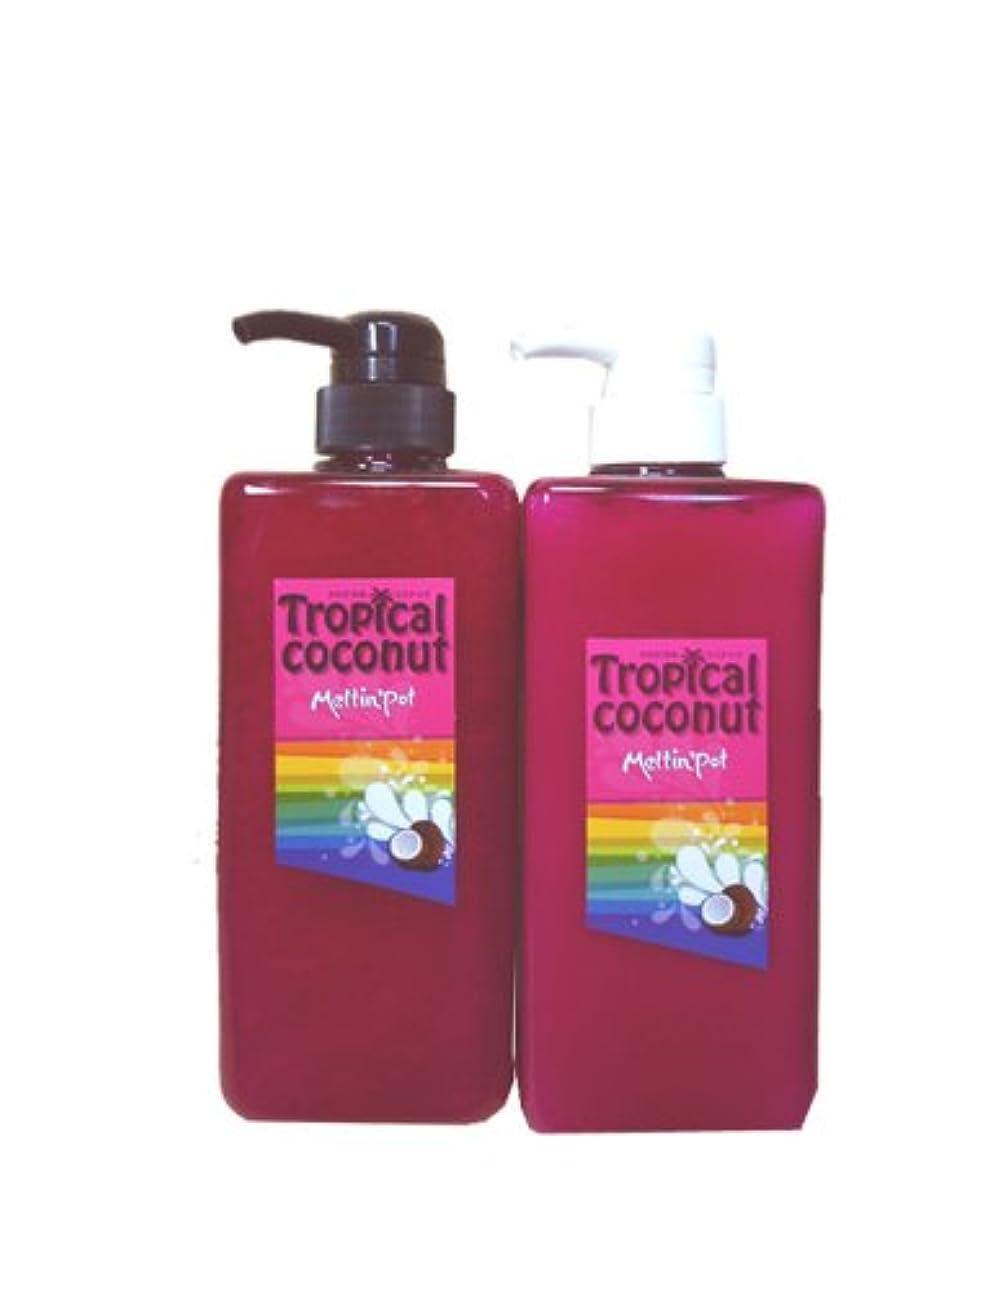 平行放射能合意トロピカルココナッツ シャンプー&トリートメント 600ml*2  Tropical coconut shampoo&treatment